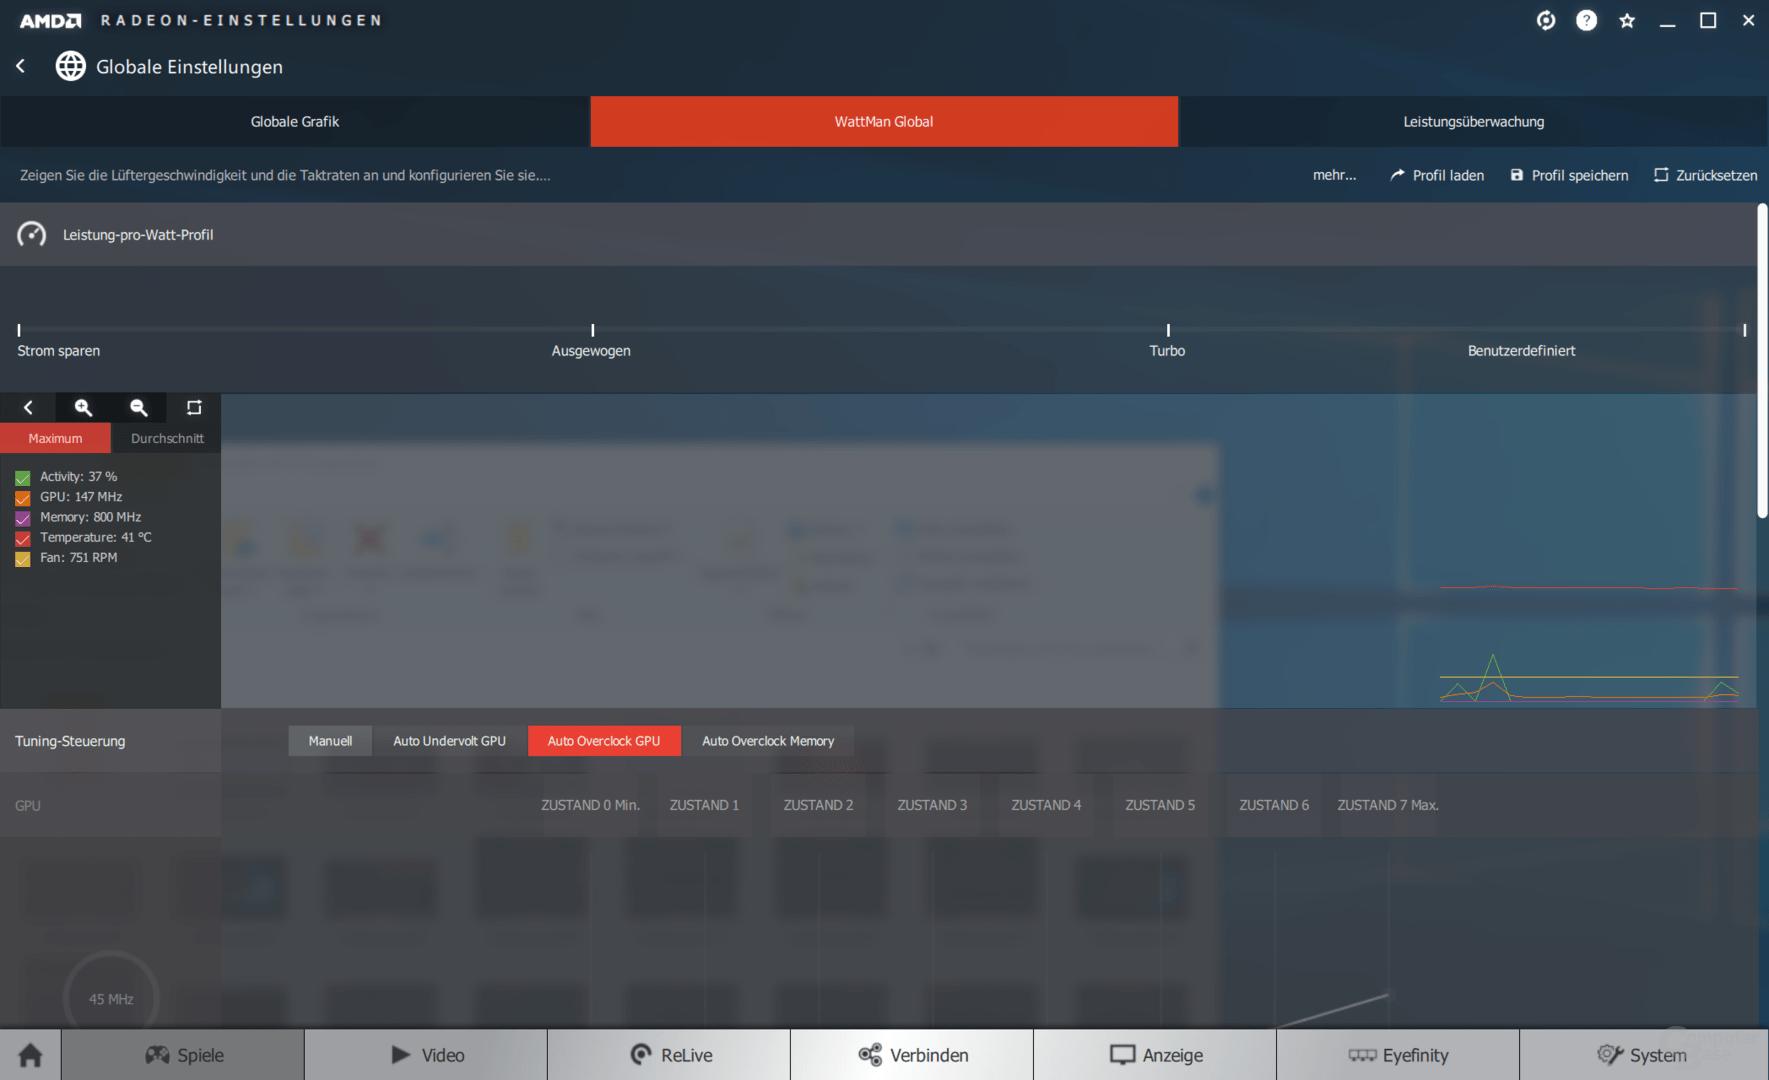 AMD Adrenalin 2019 (18.12.2) im Test